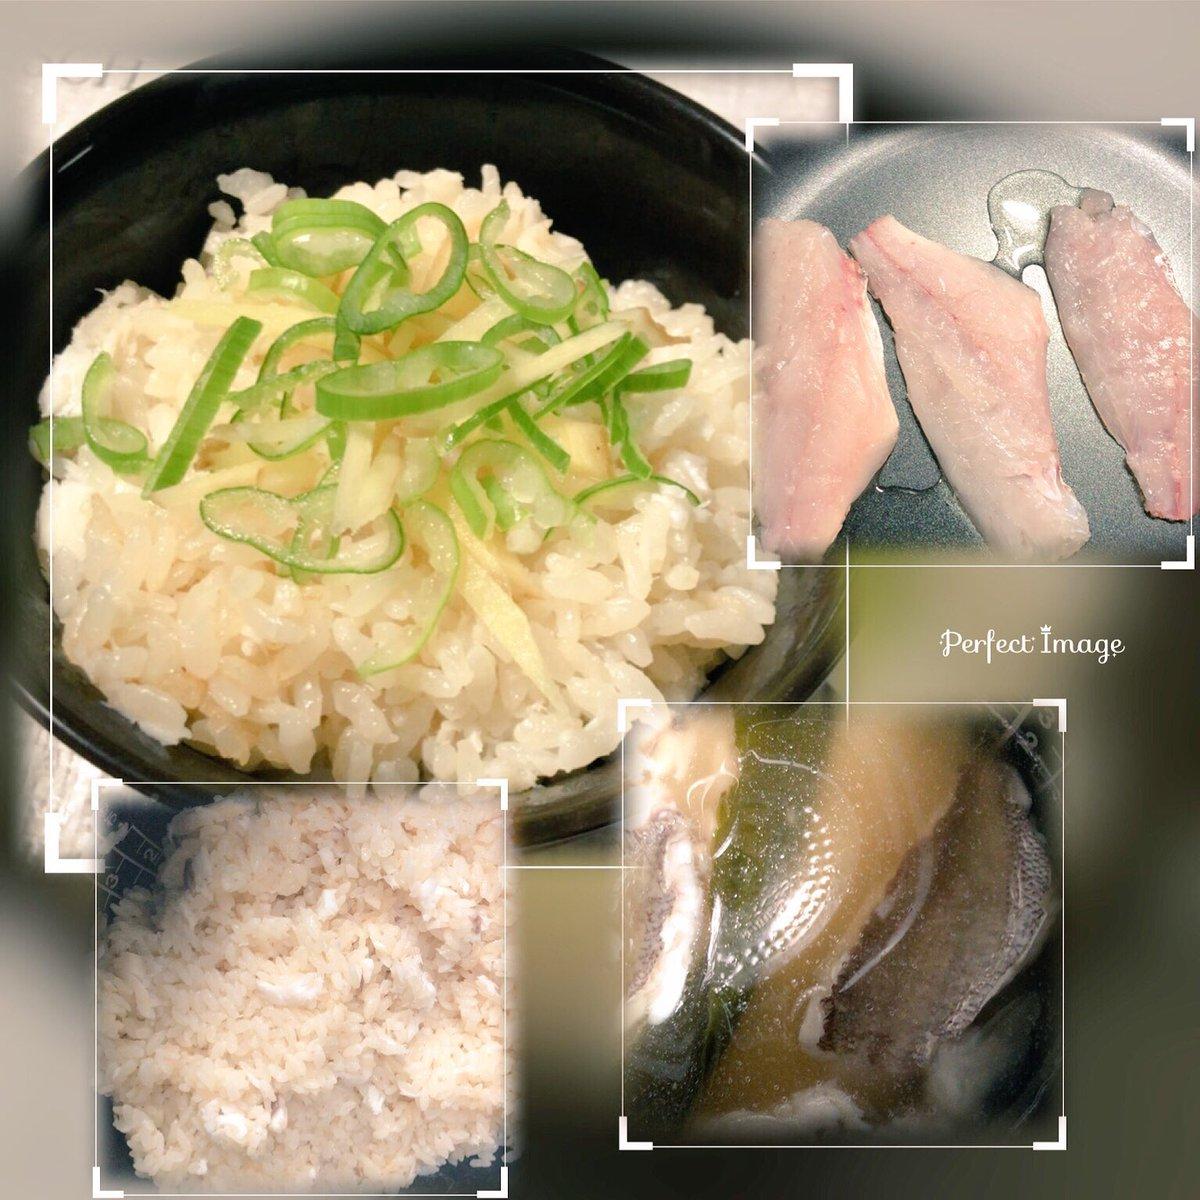 test ツイッターメディア - 日中ツイートした鯛料理できました。 鯛めし🐟これだけじゃつまらないので皮と骨と鰹節から出汁作ってお茶漬けにしました❣️ 調べて買い物行ったのに三つ葉忘れるとゆう...瀧くんのせいだ!!  はじめてにしては凄く美味しく作れました(,,・ω・,,) https://t.co/nd5Nr2XM9m